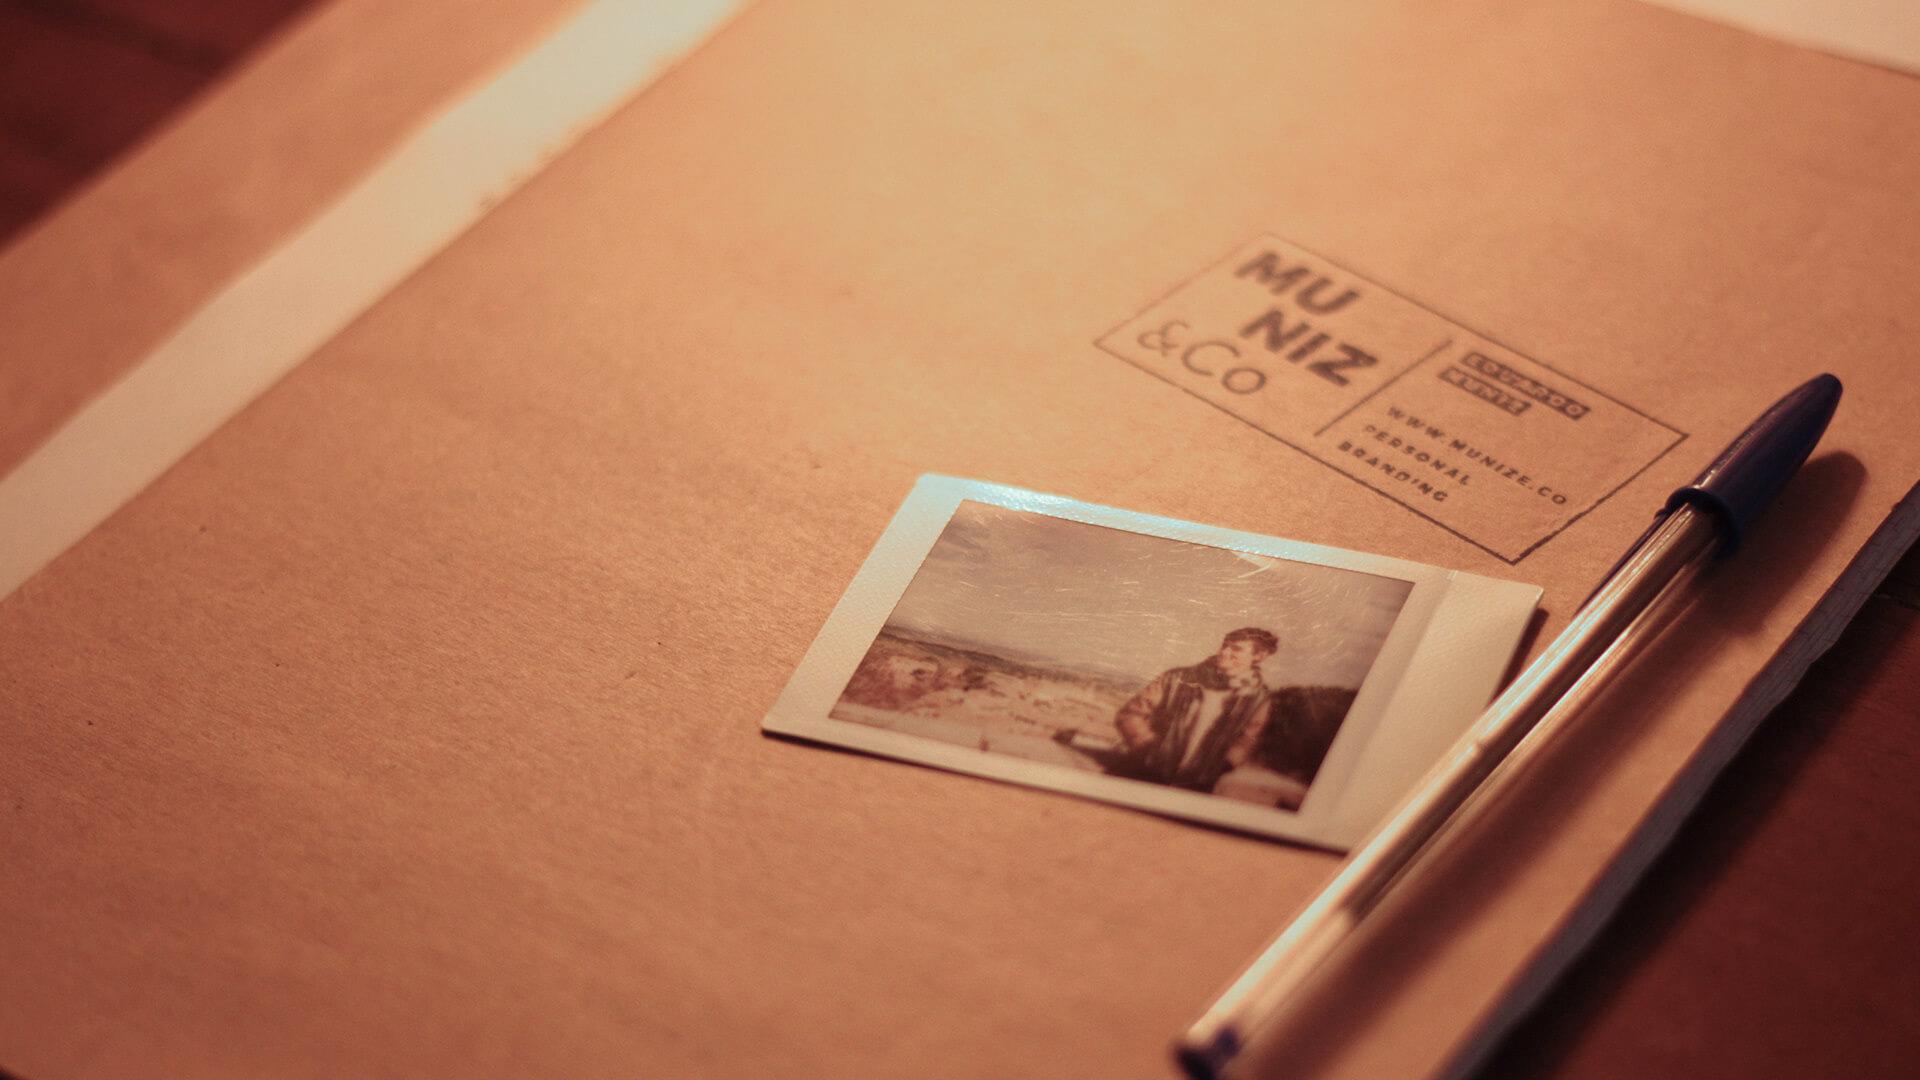 Eduardo Muniz photo beside a logo stamp